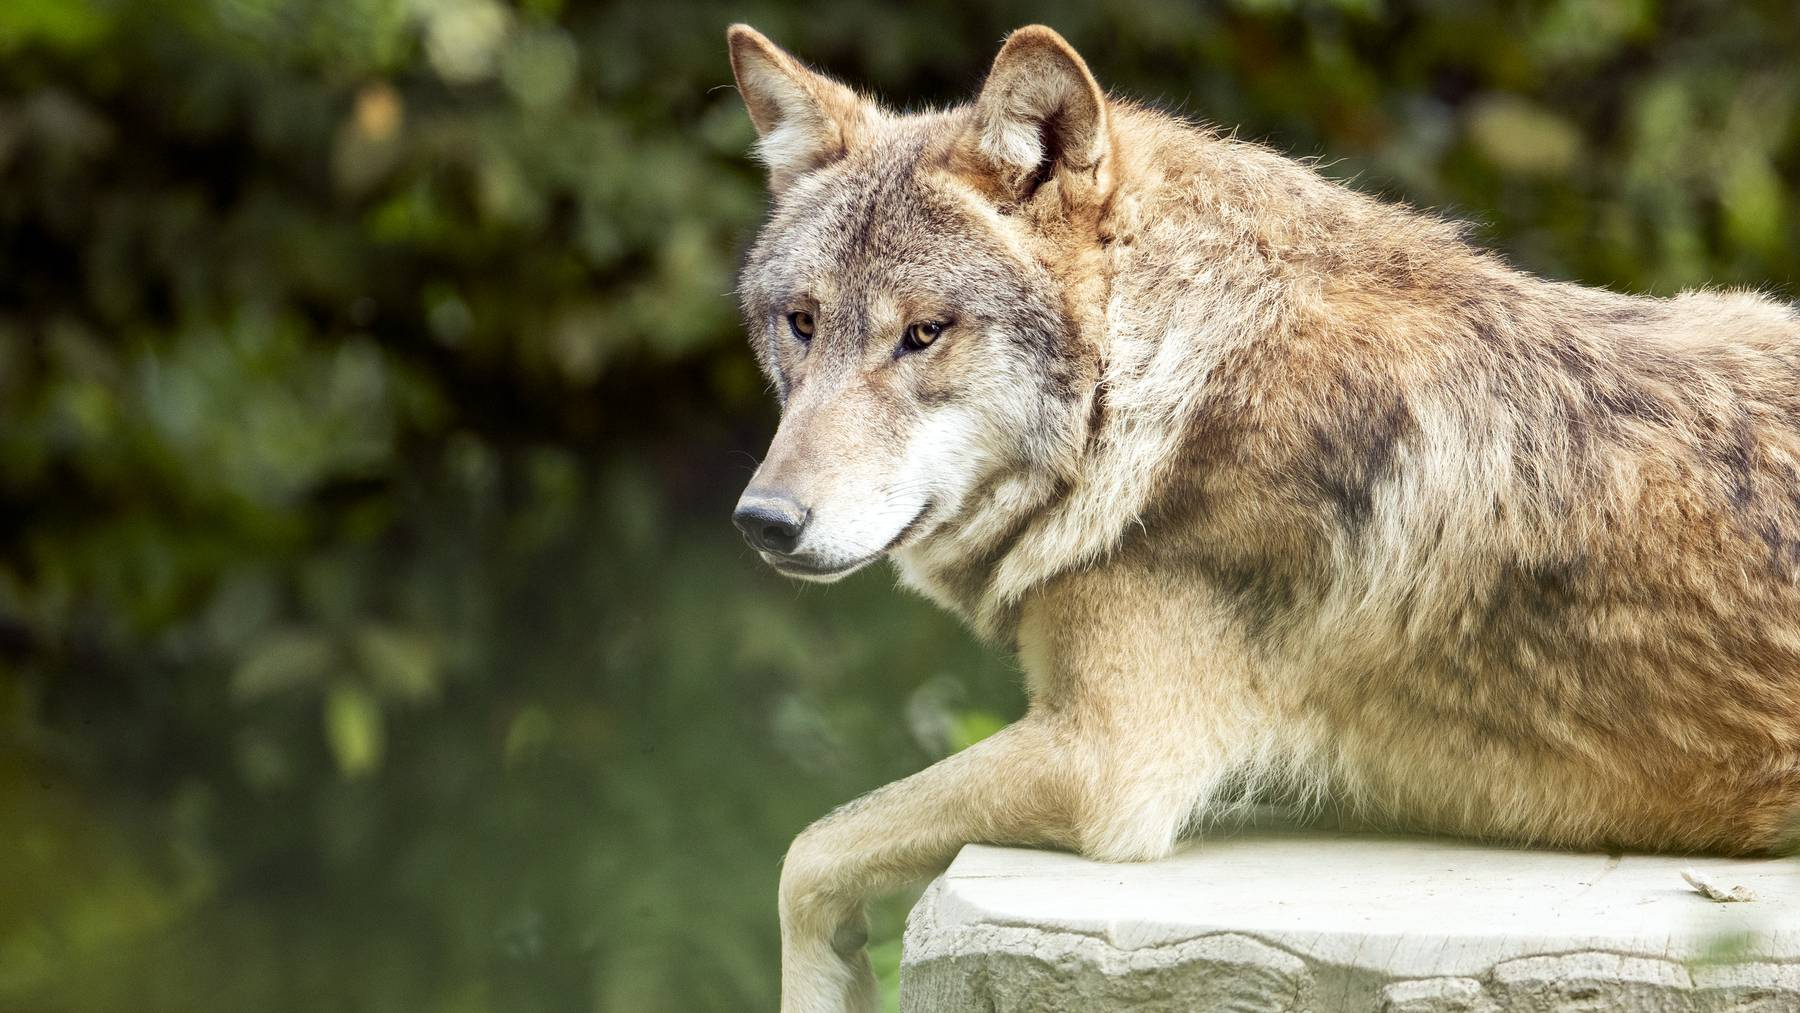 Ein Wolf, aufgenommen im Zoo Zuerich am Mittwoch, 16. September 2020. Der Zoo Zuerich haelt Woelfe seit der 1950-er Jahre. Zurzeit leben fuenf Mongolische Woelfe im Zoo Zuerich.